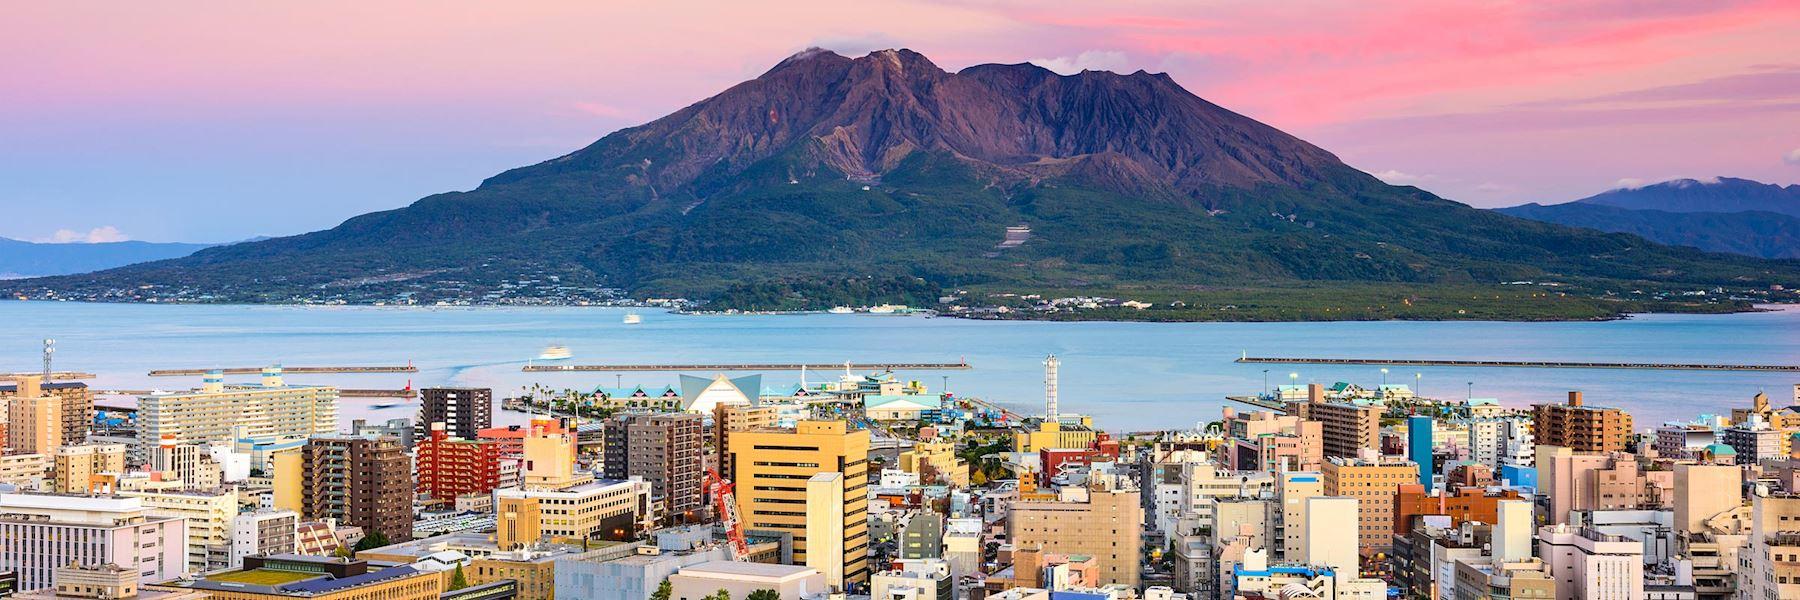 Visit Kagoshima, Japan